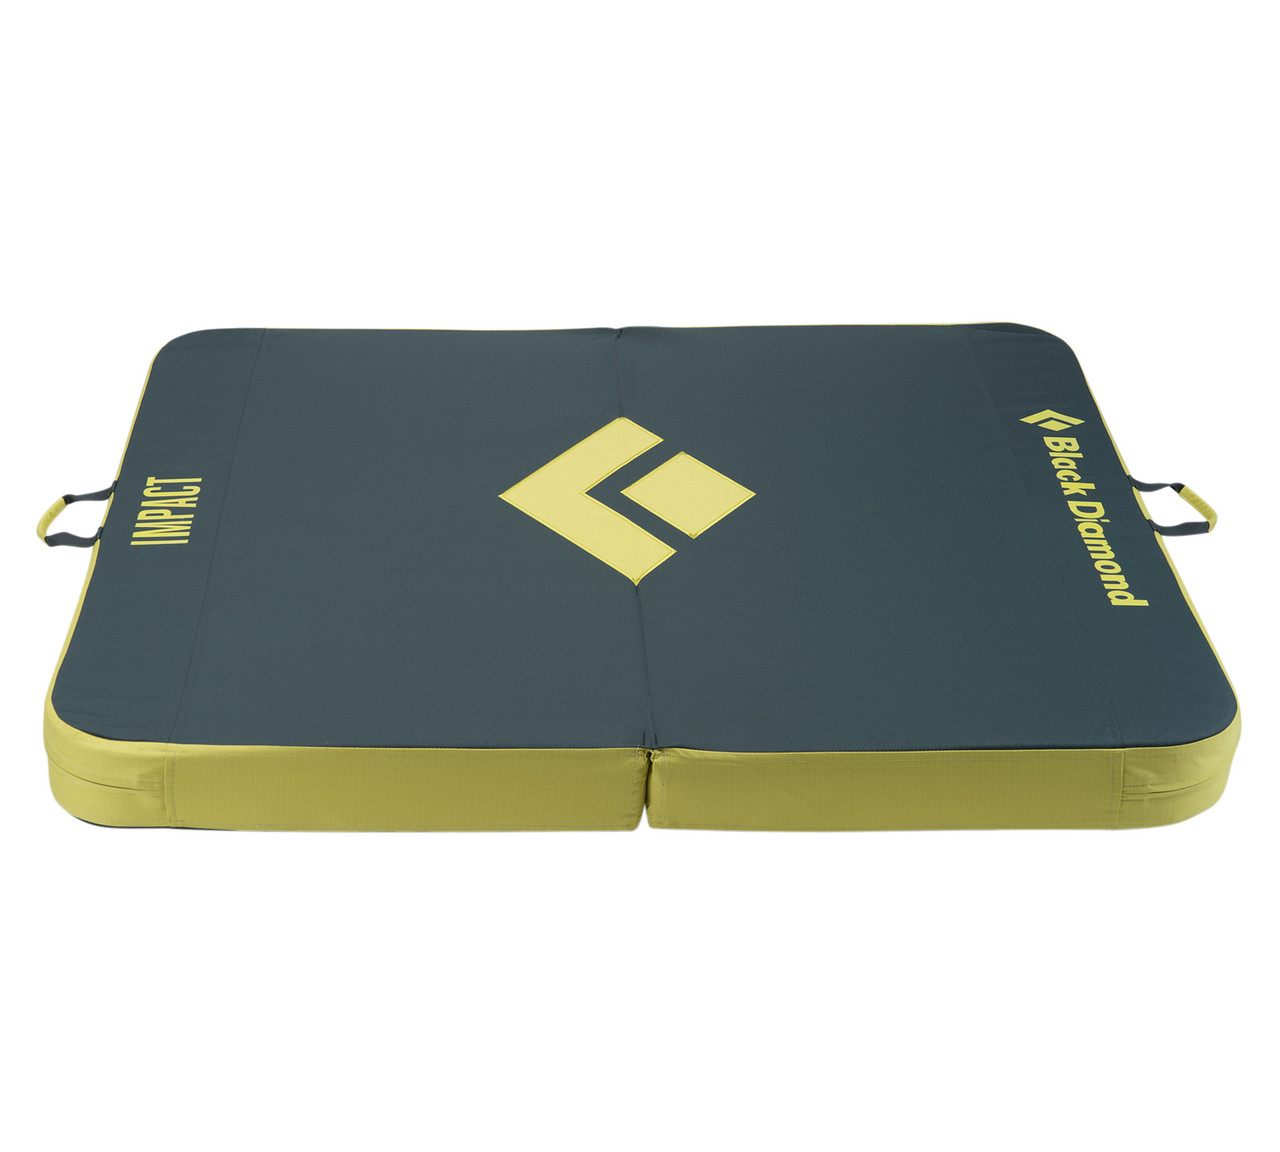 Мат для боулдеринга Impact crach pad Black Diamond - снаряжение для экстремального спорта и отдыха в Киеве